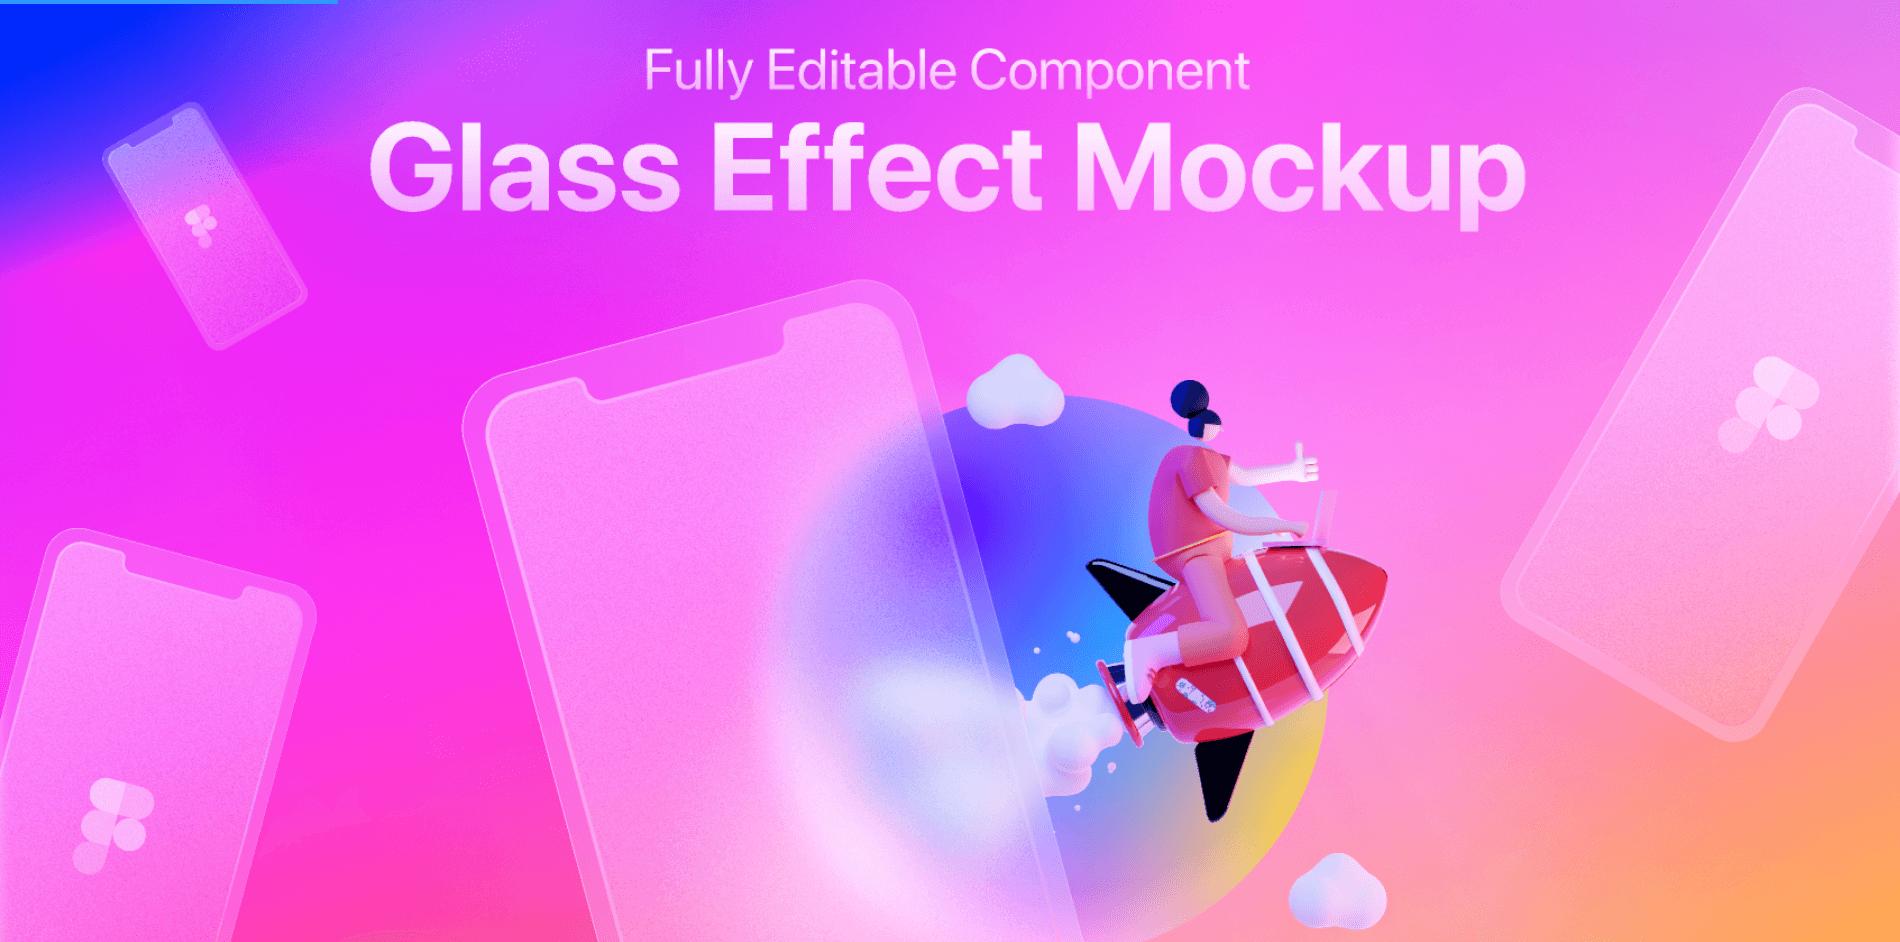 Мобильный мокап в стиле Glass Morphism